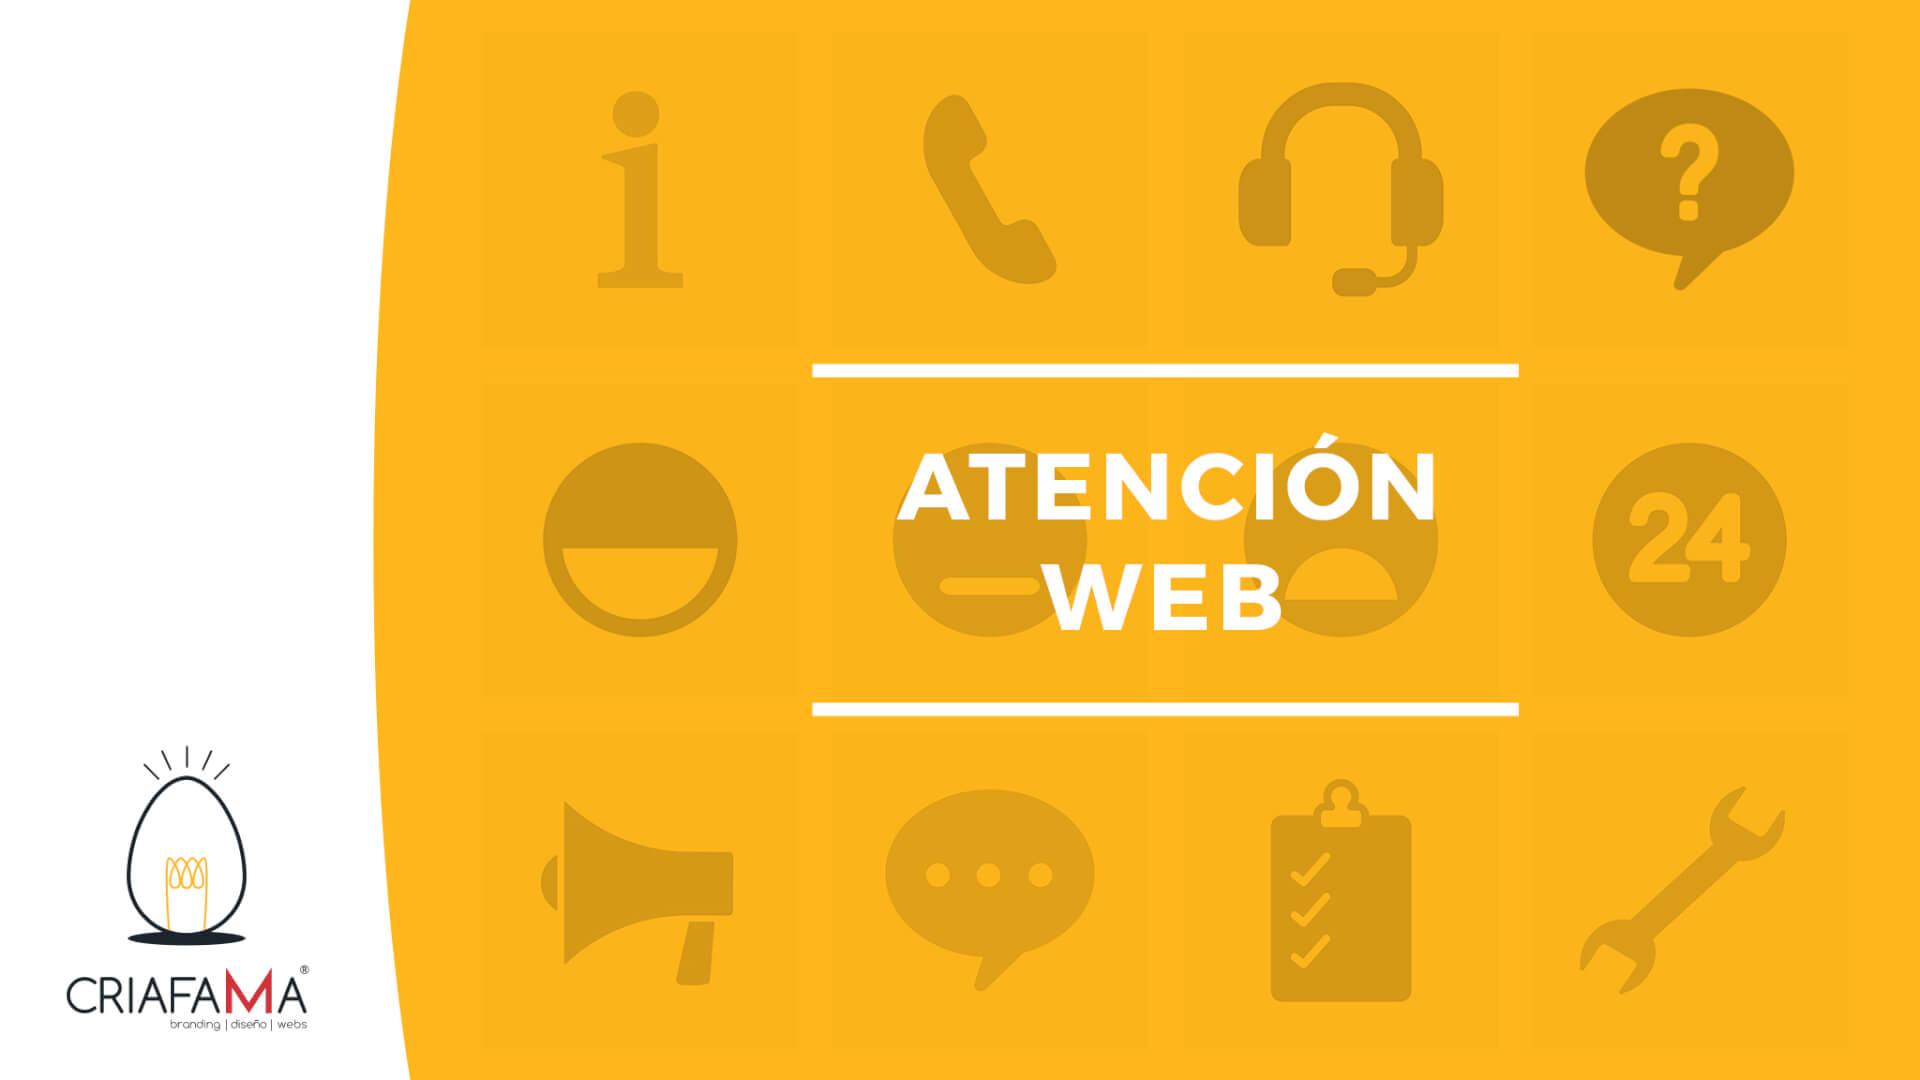 atencion-web